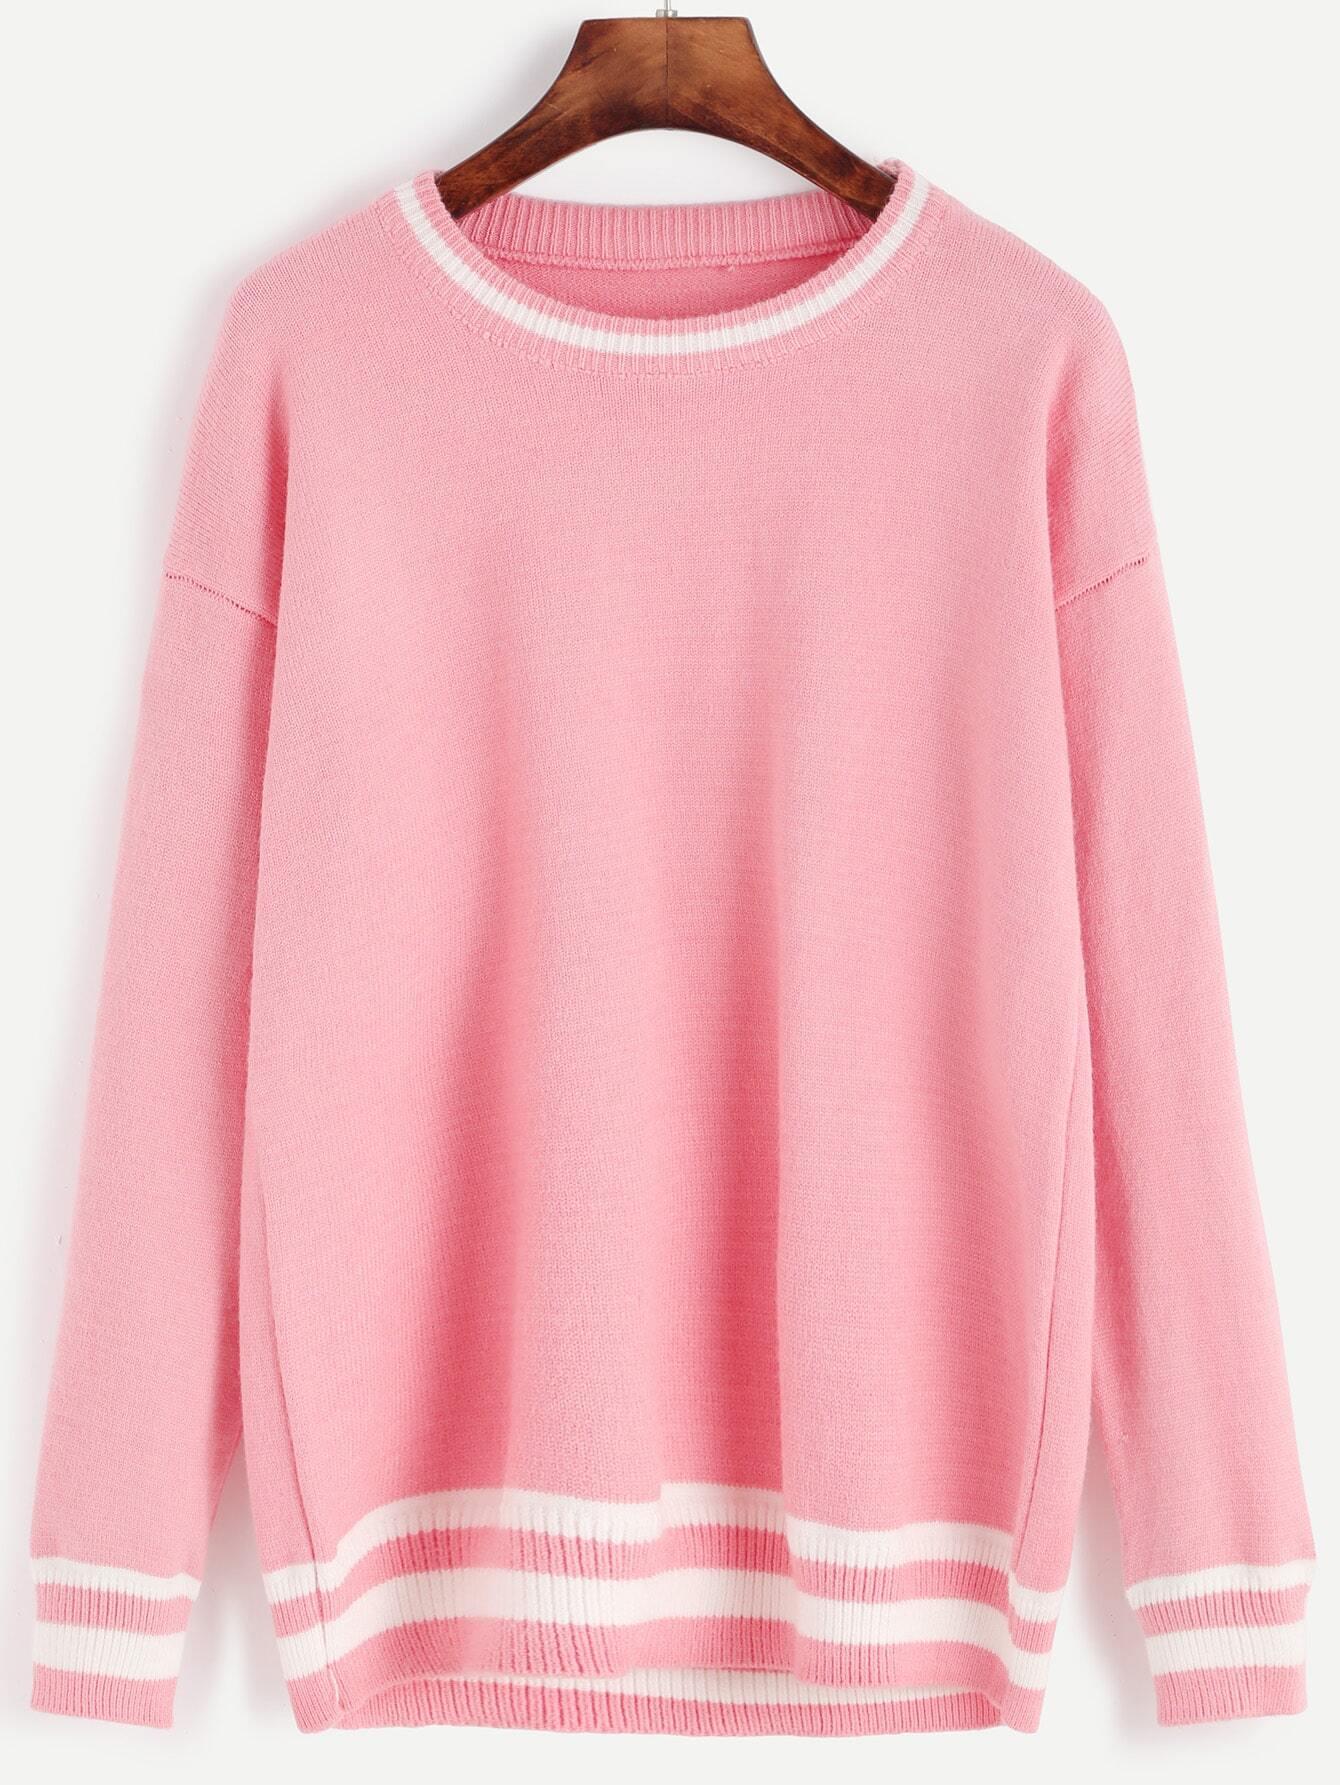 Pink Striped Trim Drop Shoulder Seam Sweater sweater161013131